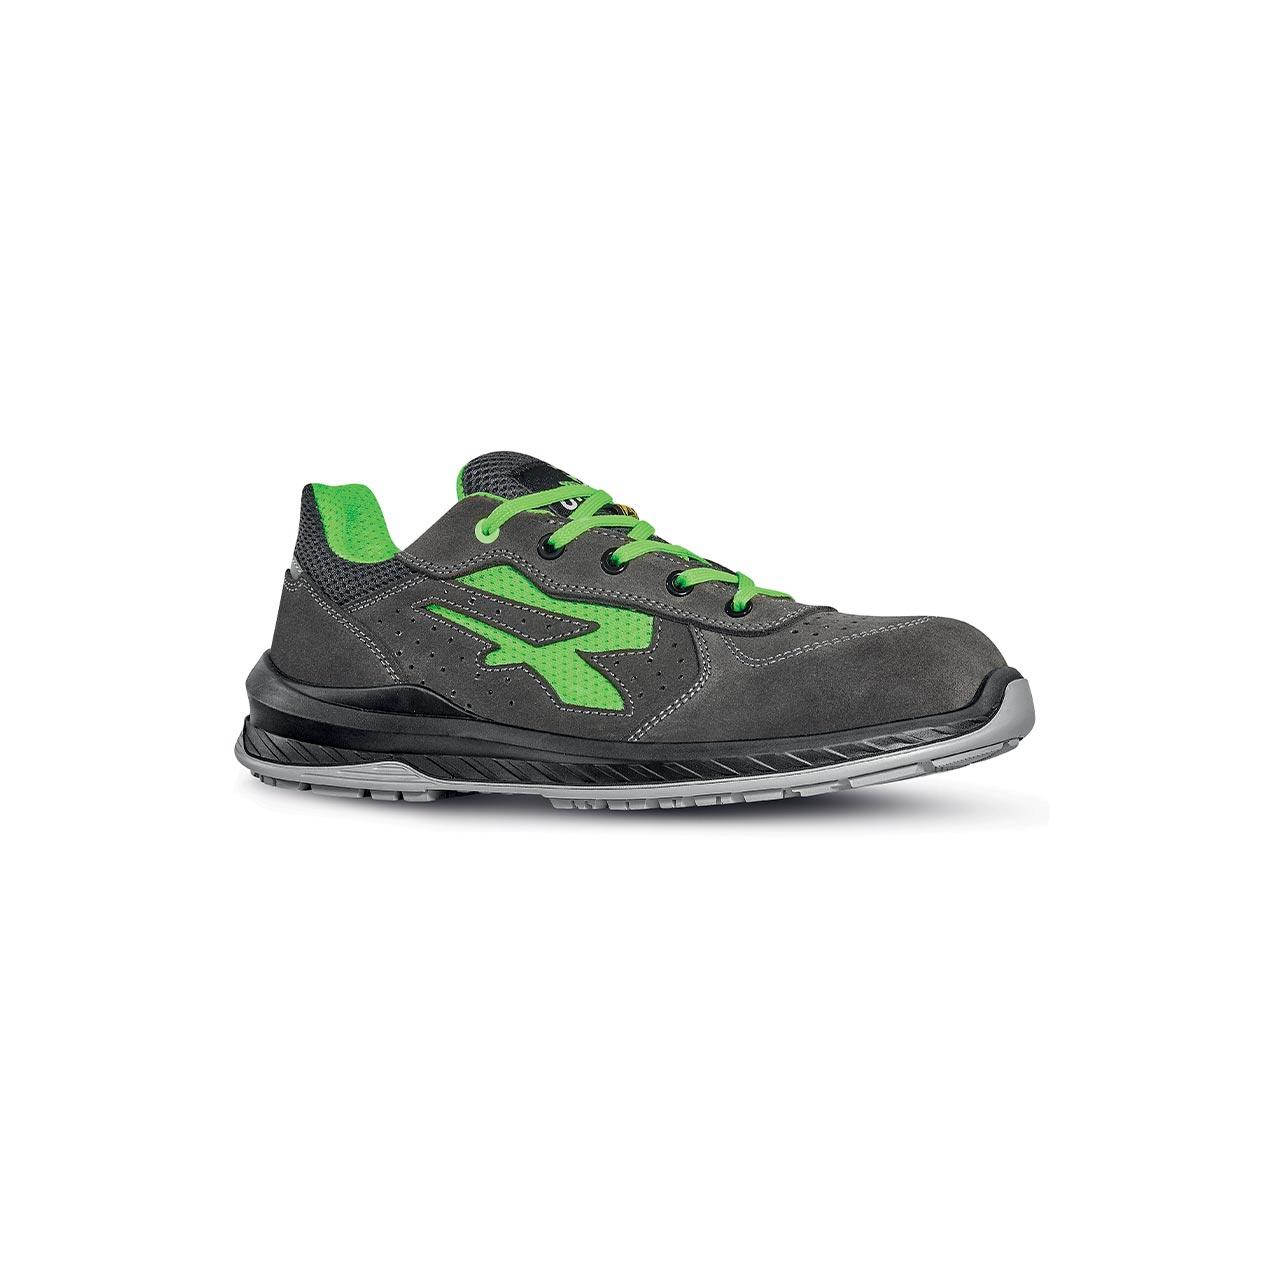 scarpa antinfortunistica upower modello denver linea redindustry vista laterale